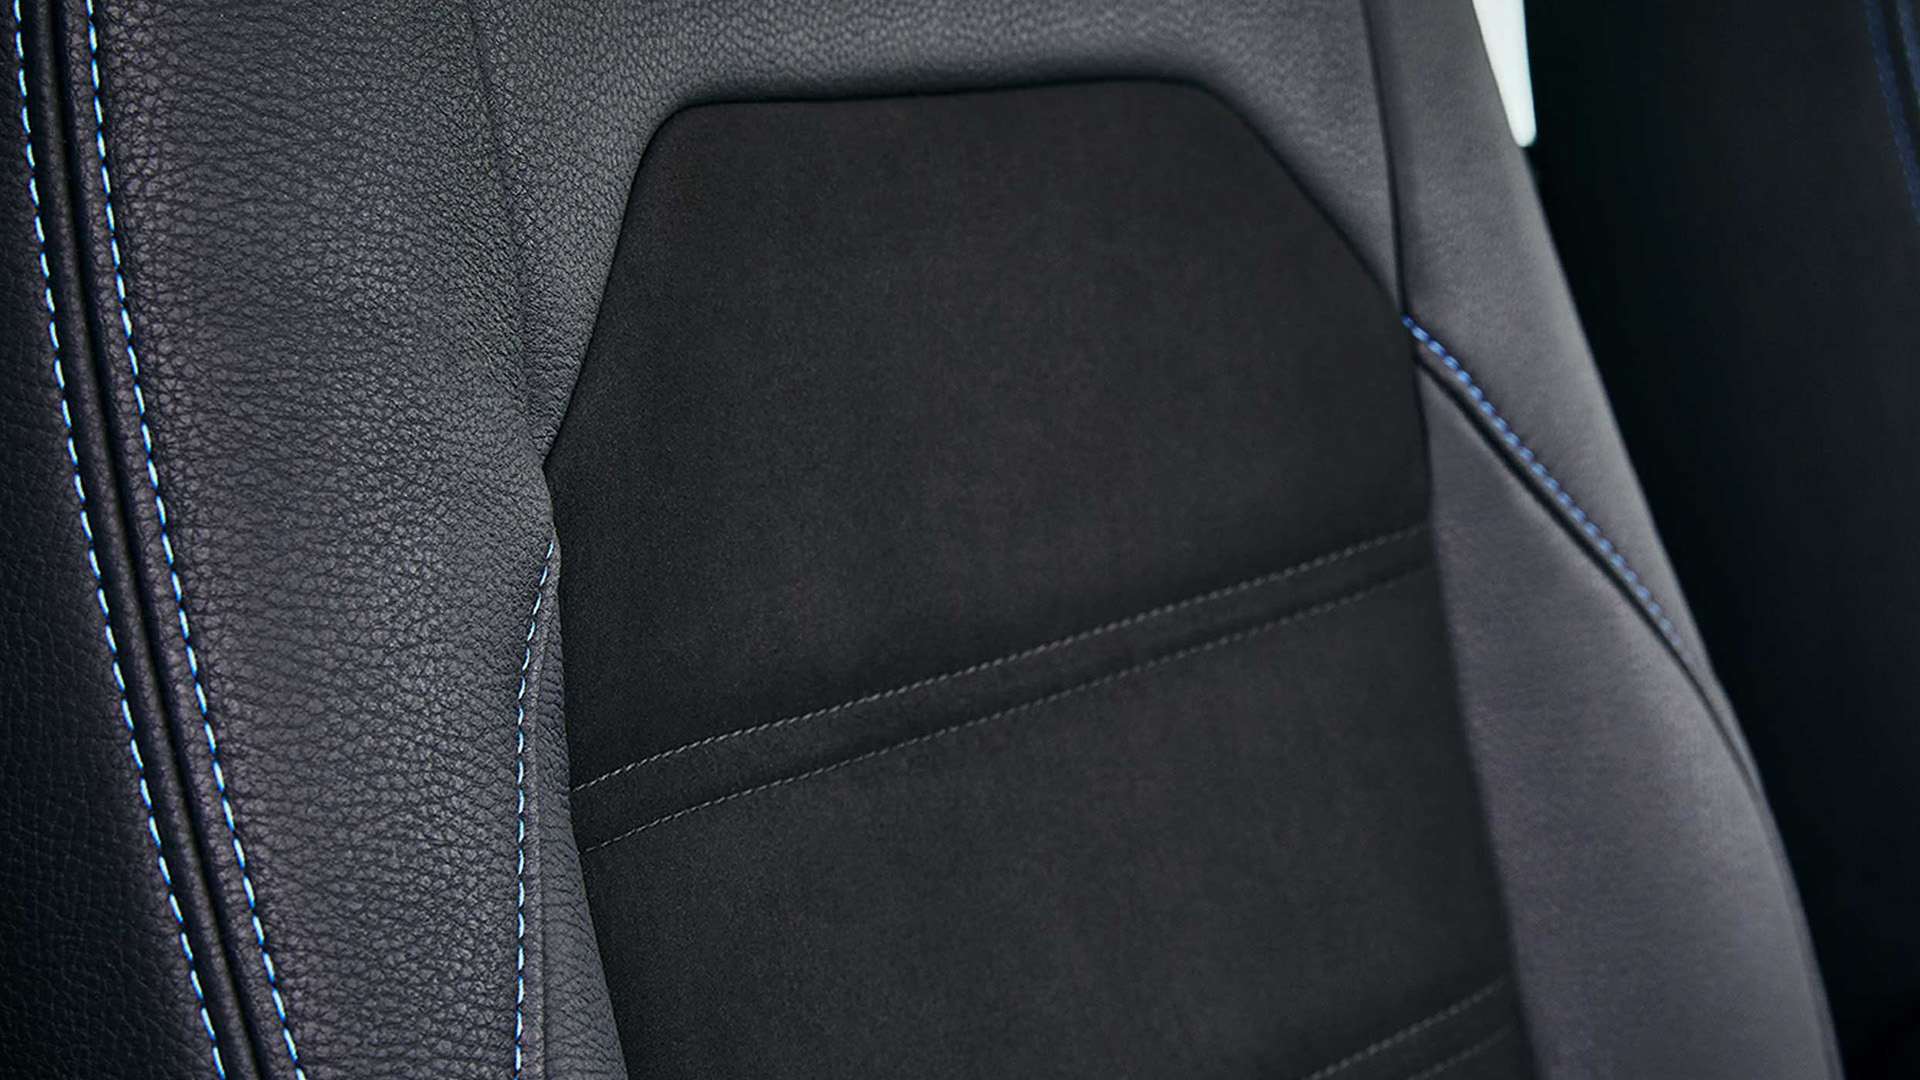 Volkswagen_Bedrijfwagens_Voor_Mekaar_Deals_-_Accessoires_-_Lederen_interieur.jpg